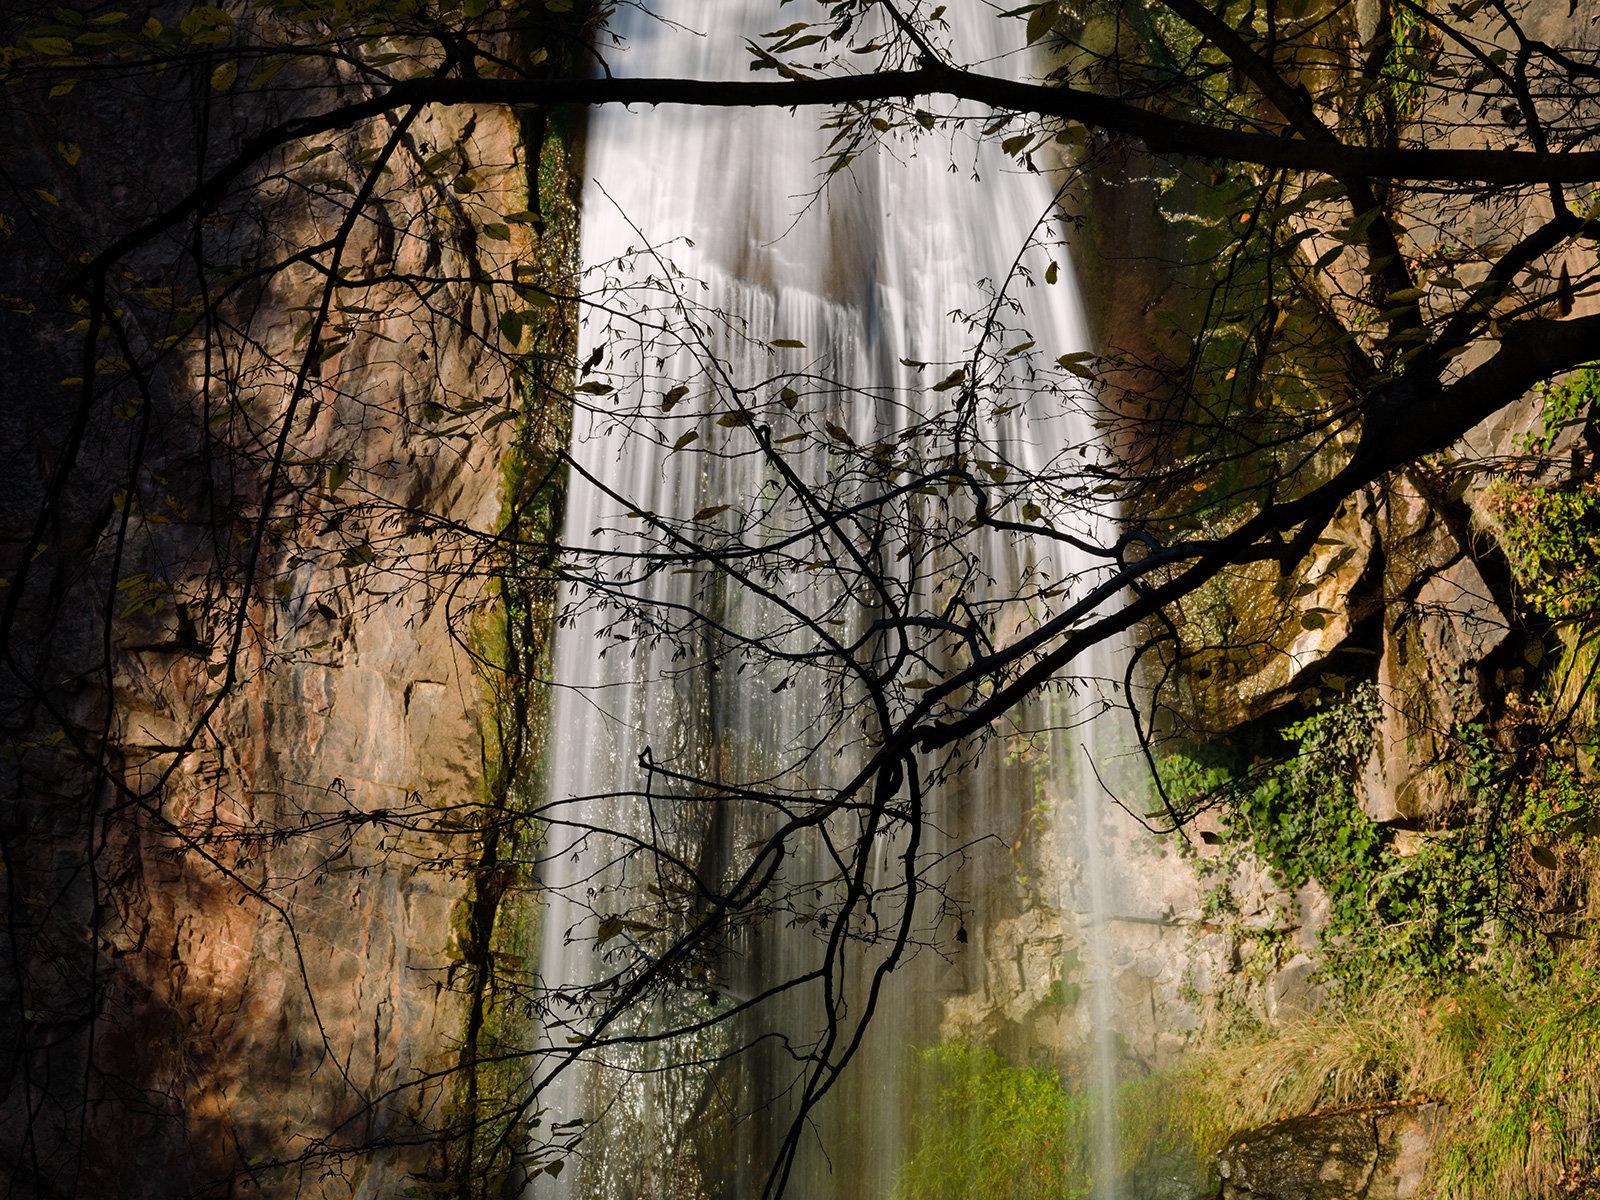 Wasserfall I